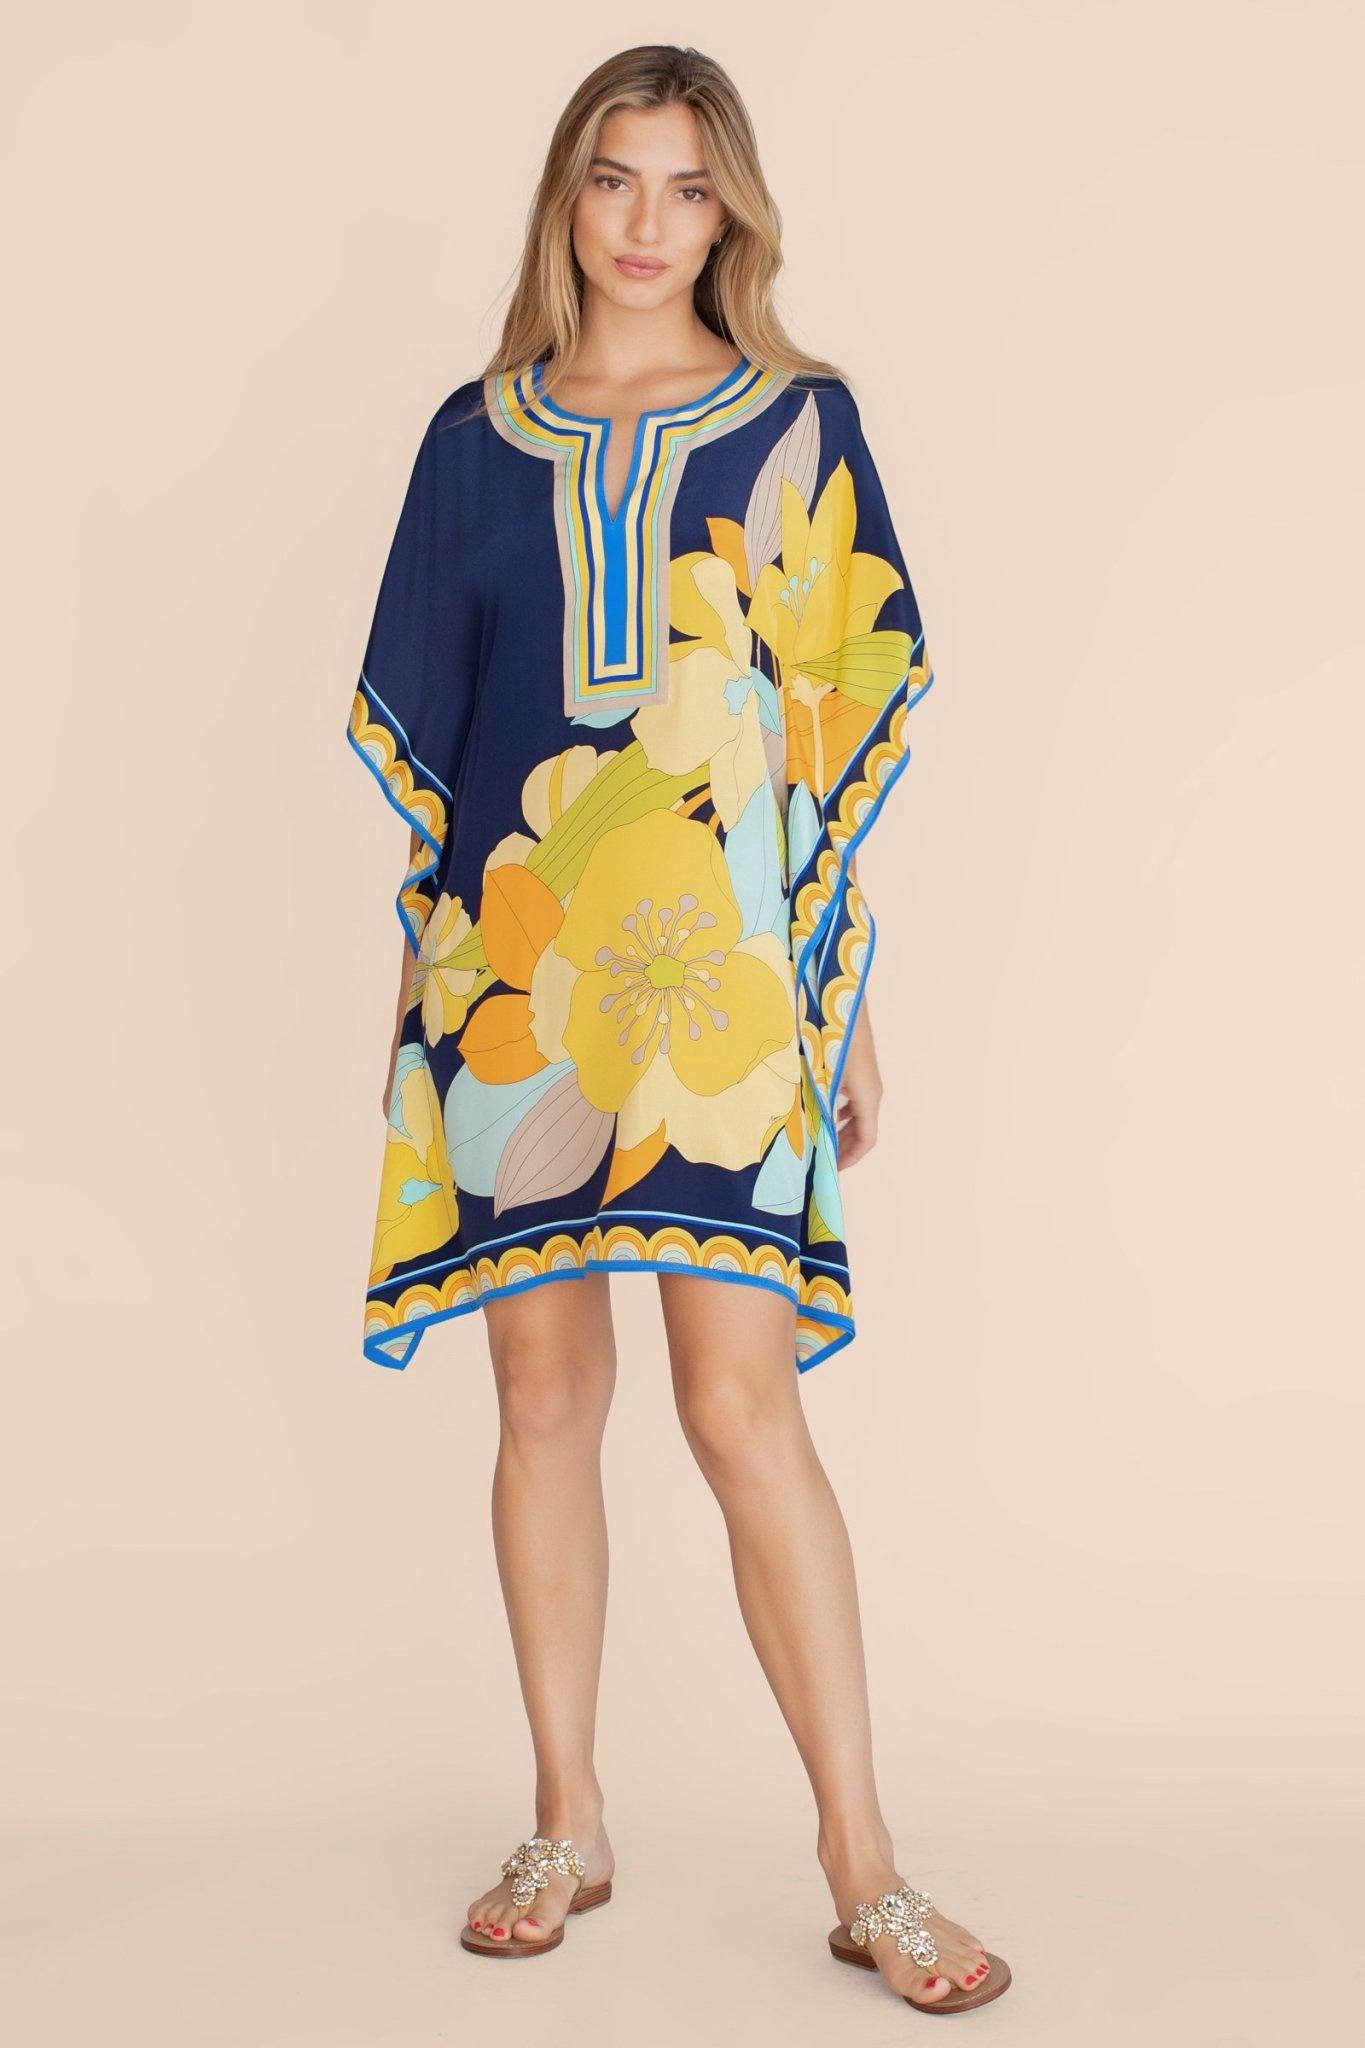 Trina Turk Where To Go Theodora Dress